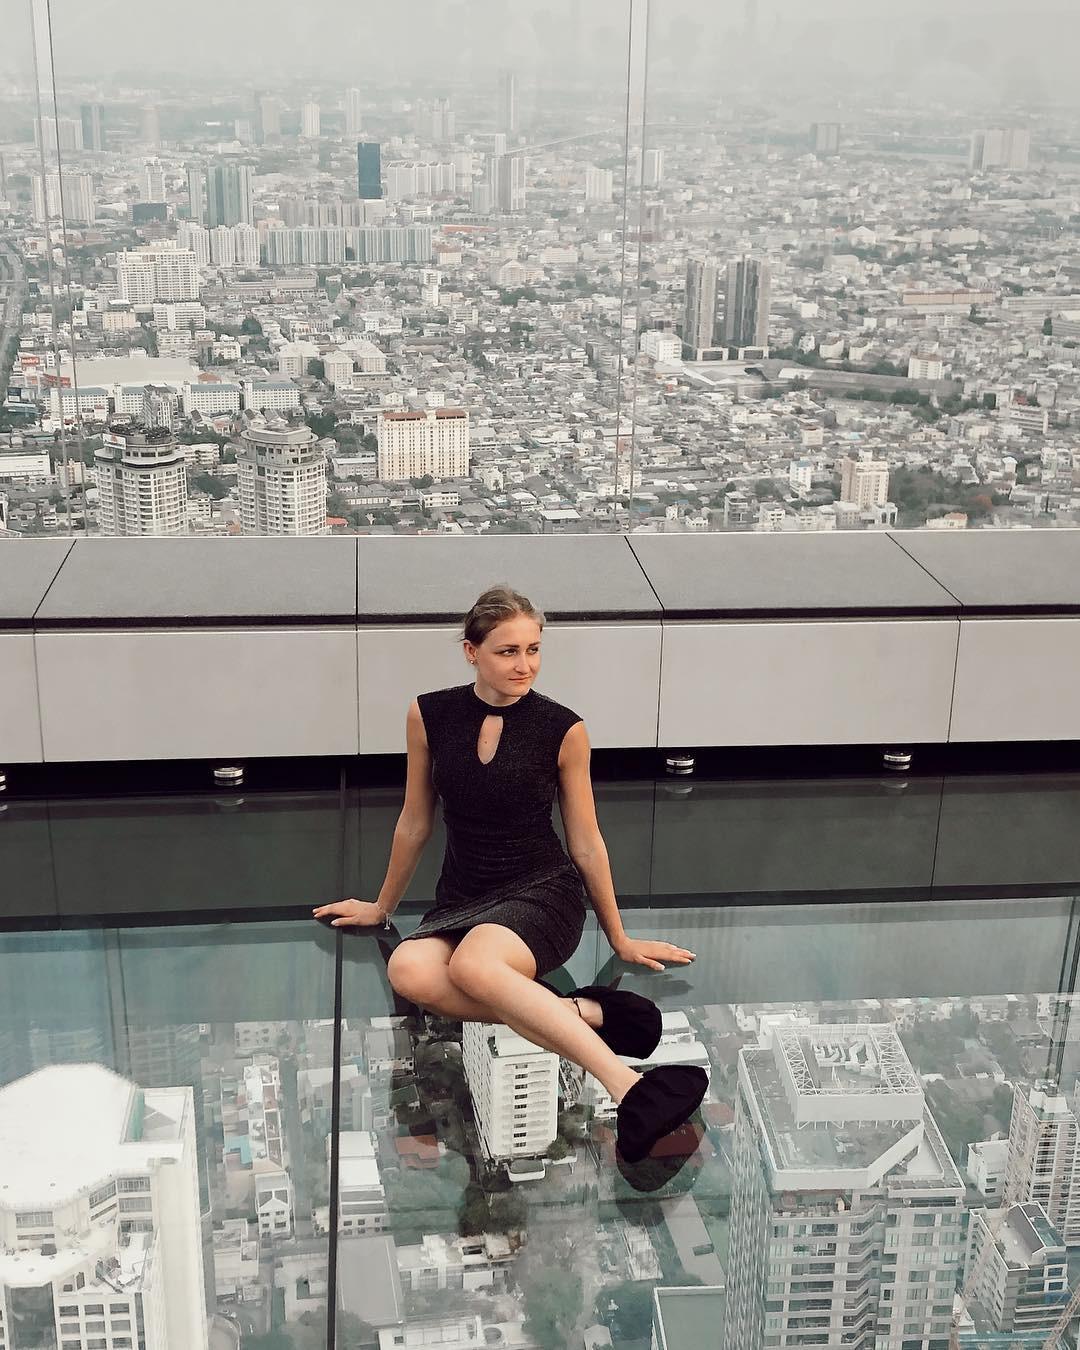 Dân tình hốt hoảng với sàn kính cao ở độ cao trên 300m ngắm trọn cảnh thủ đô Bangkok - Ảnh 5.